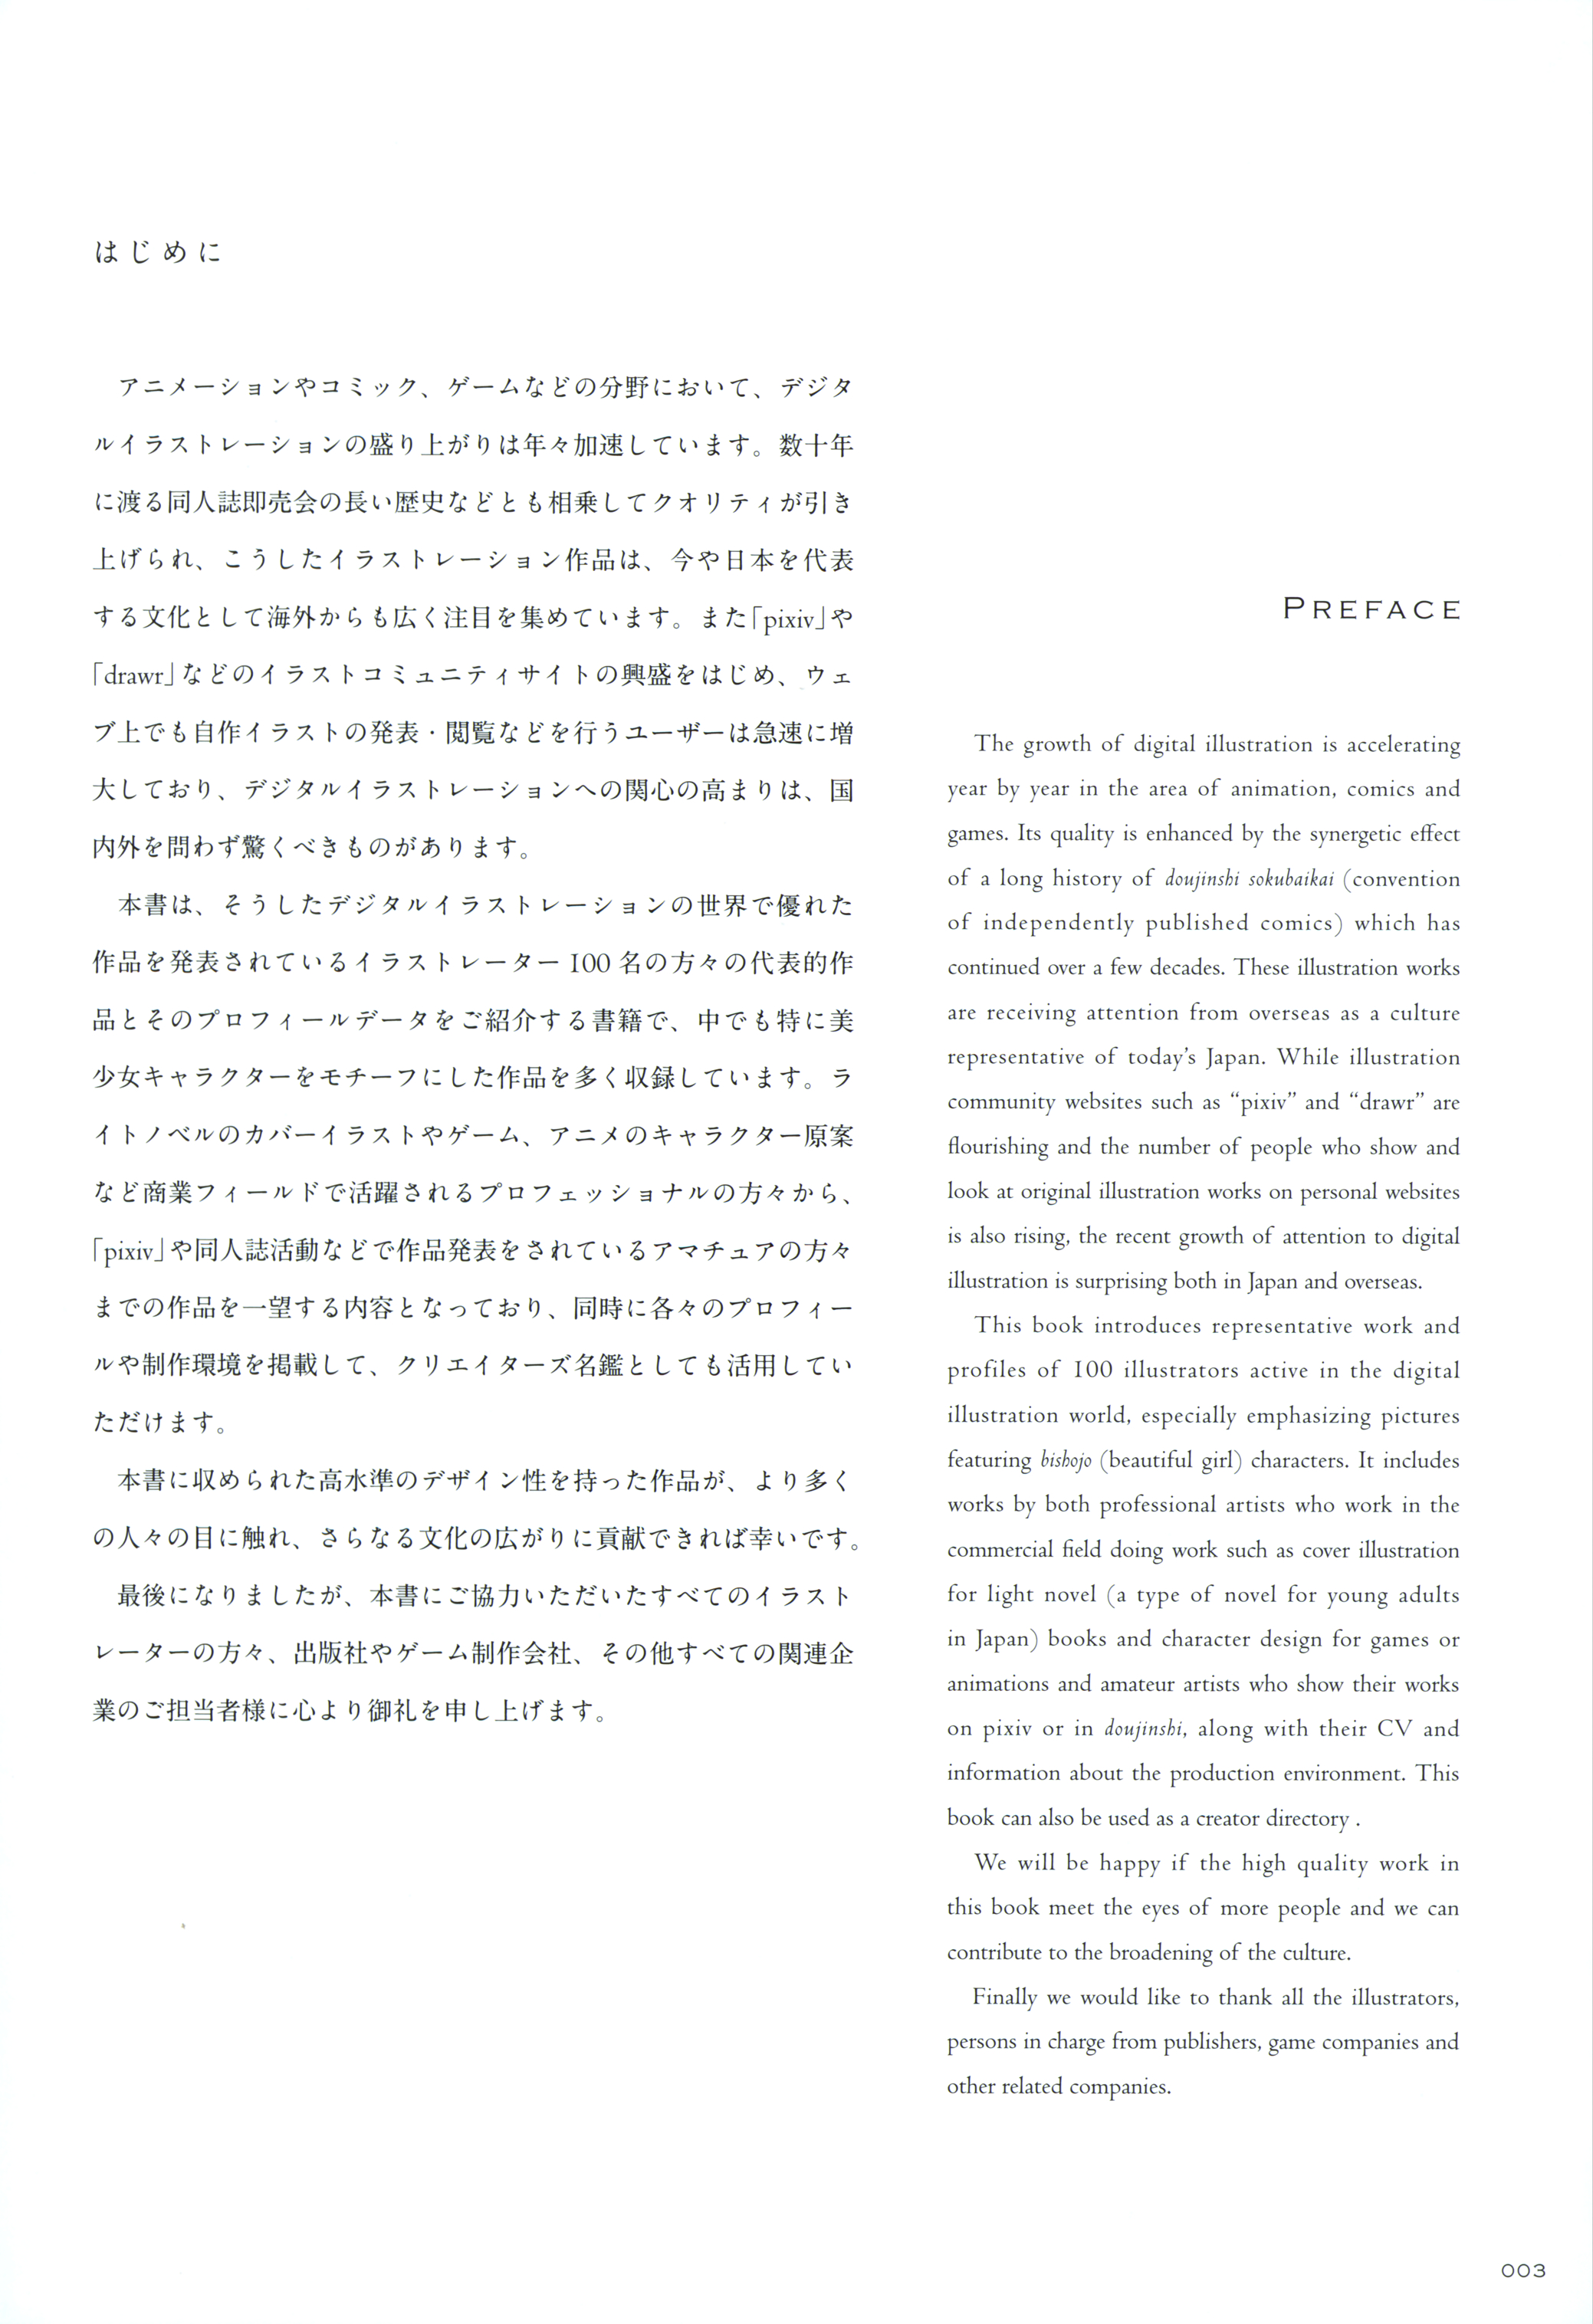 《绘师100》美少女插画本